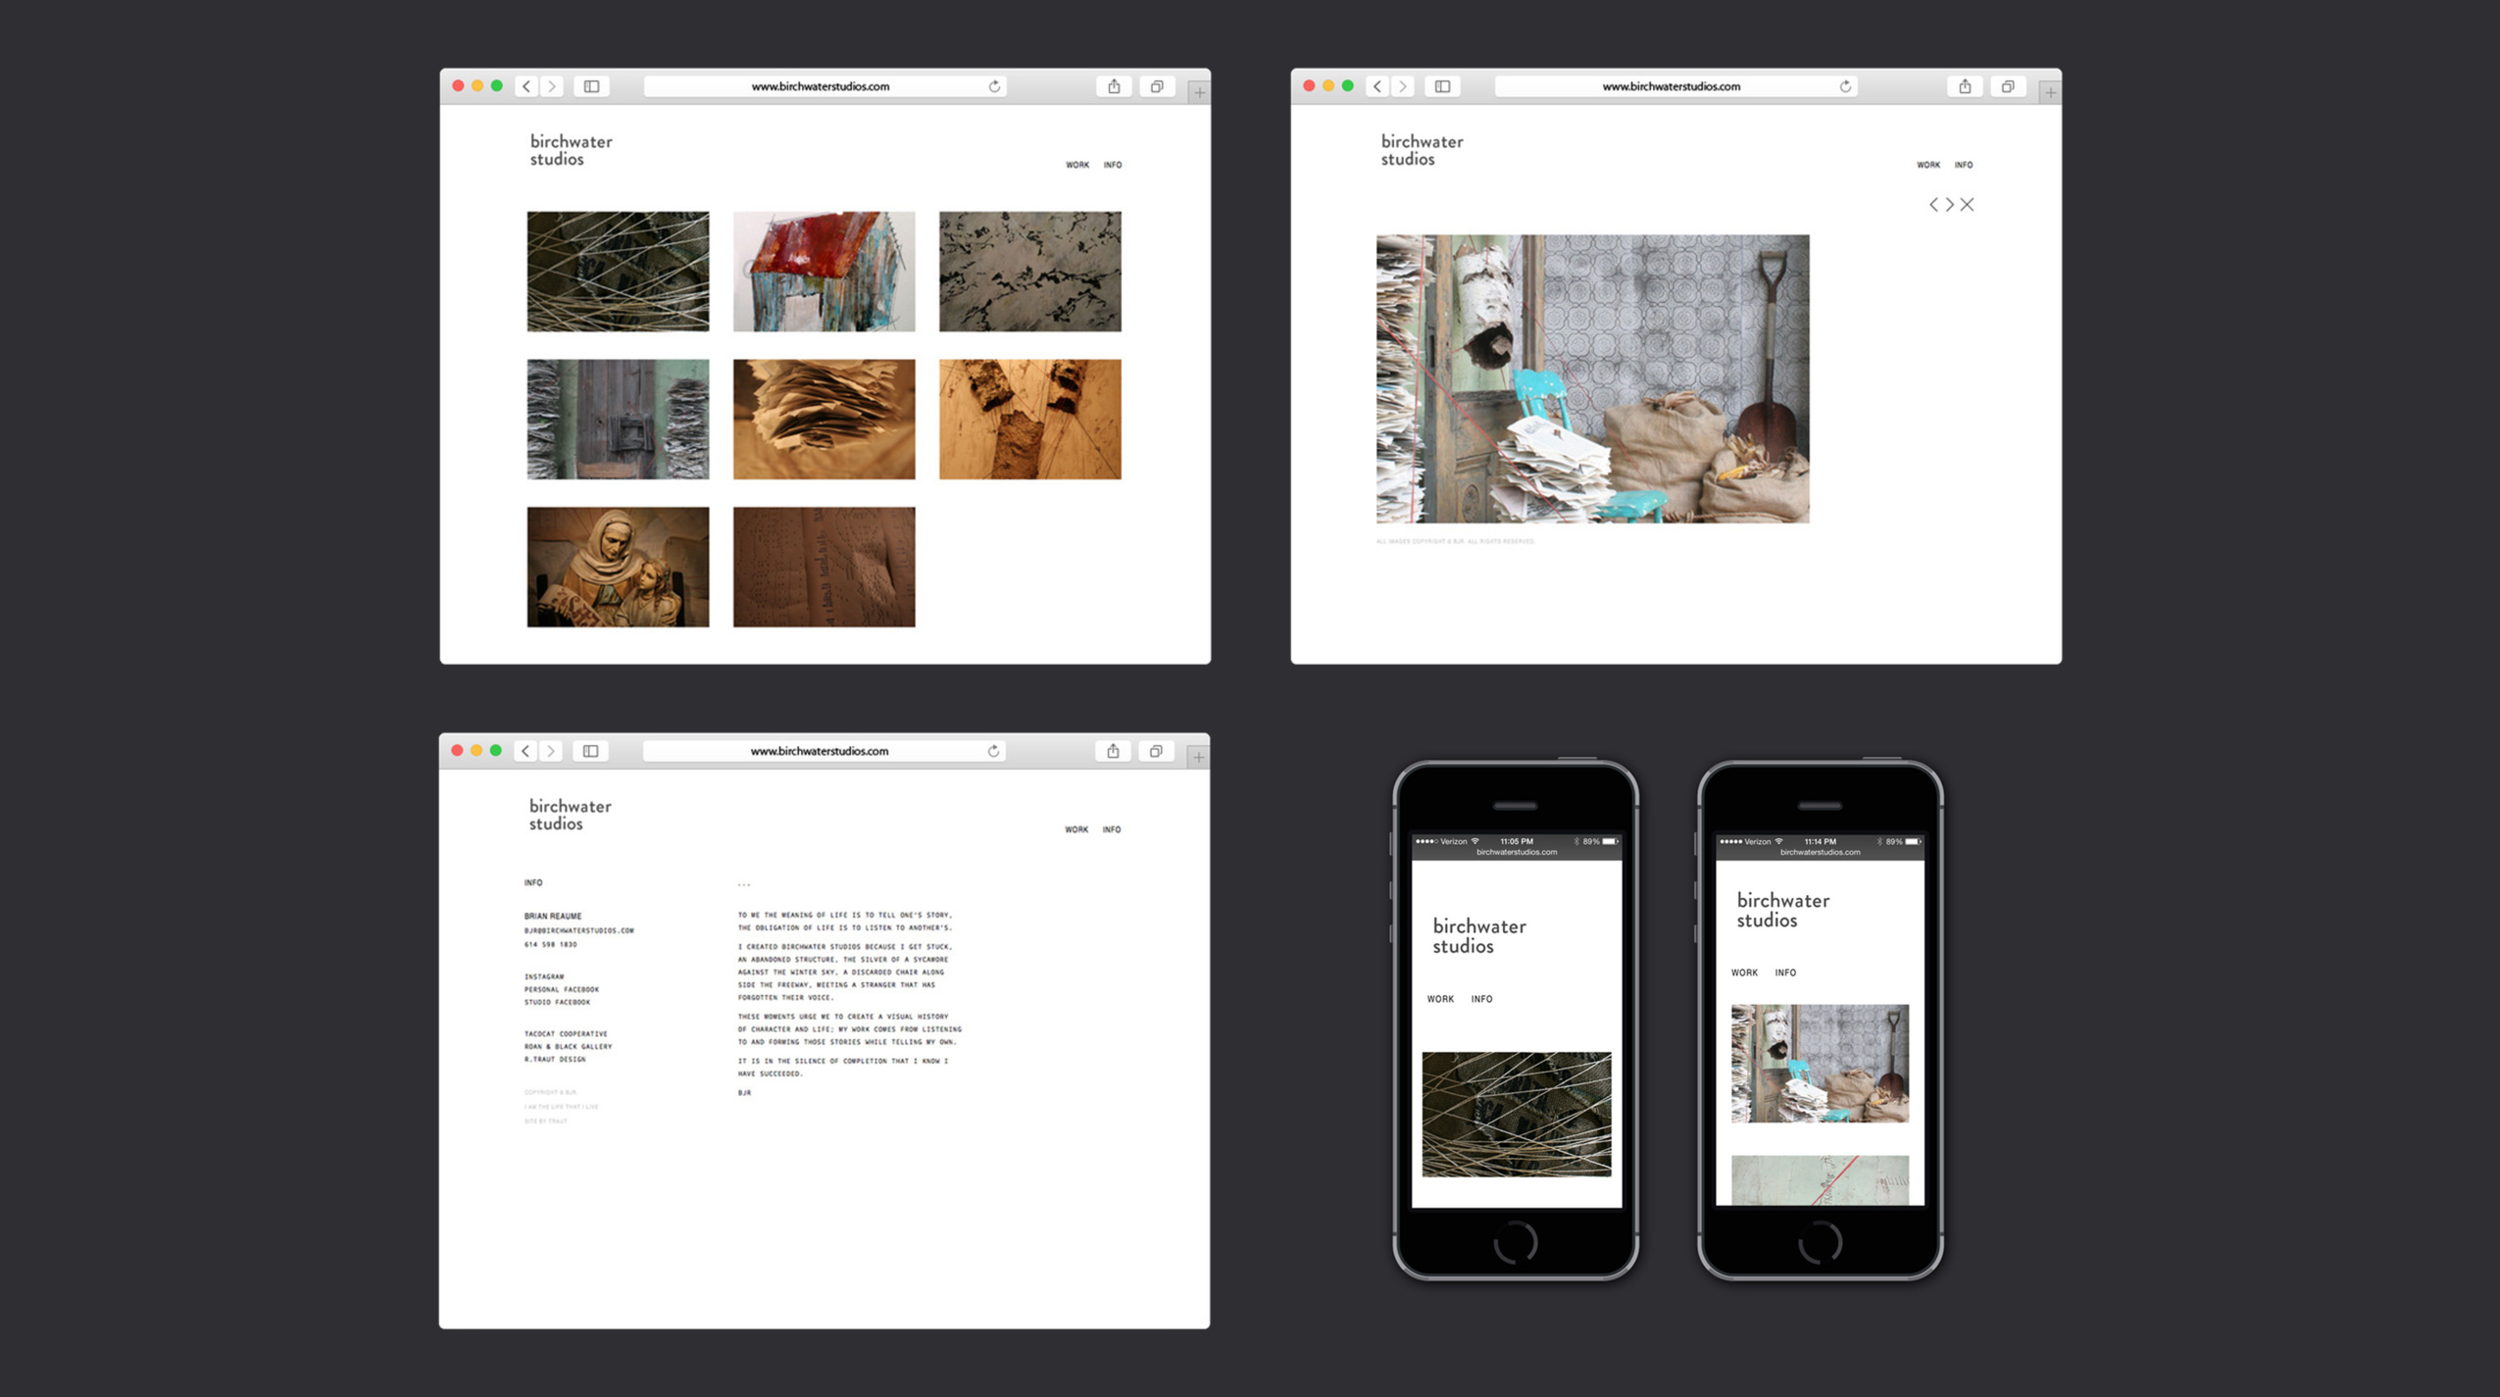 Birchwater Studios: Website & Photography